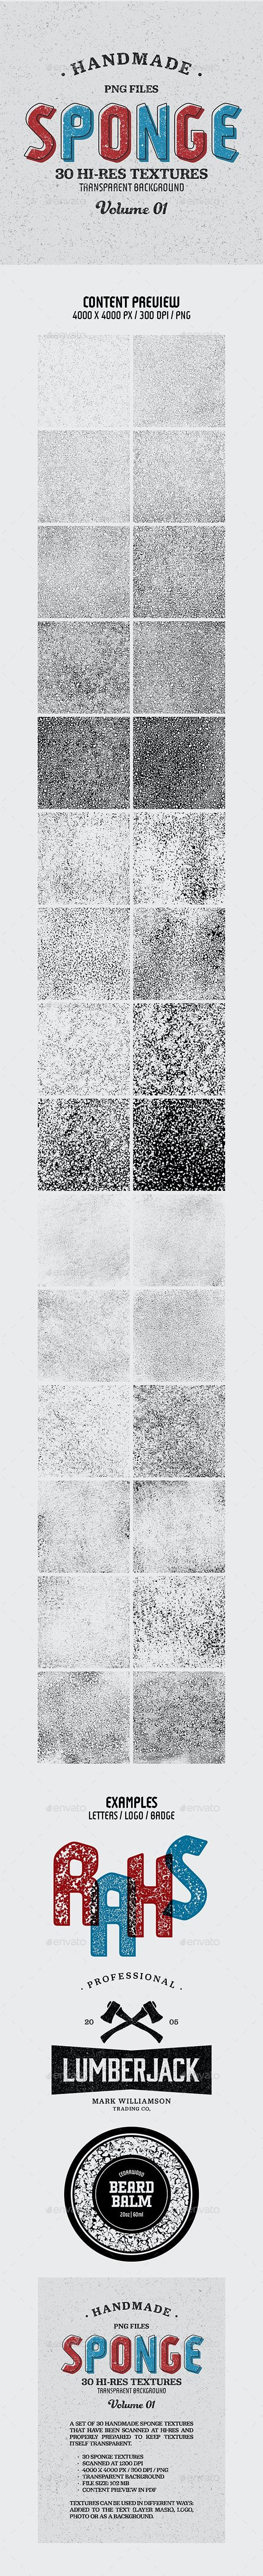 Sponge Textures - Vol. 01 - Miscellaneous Textures